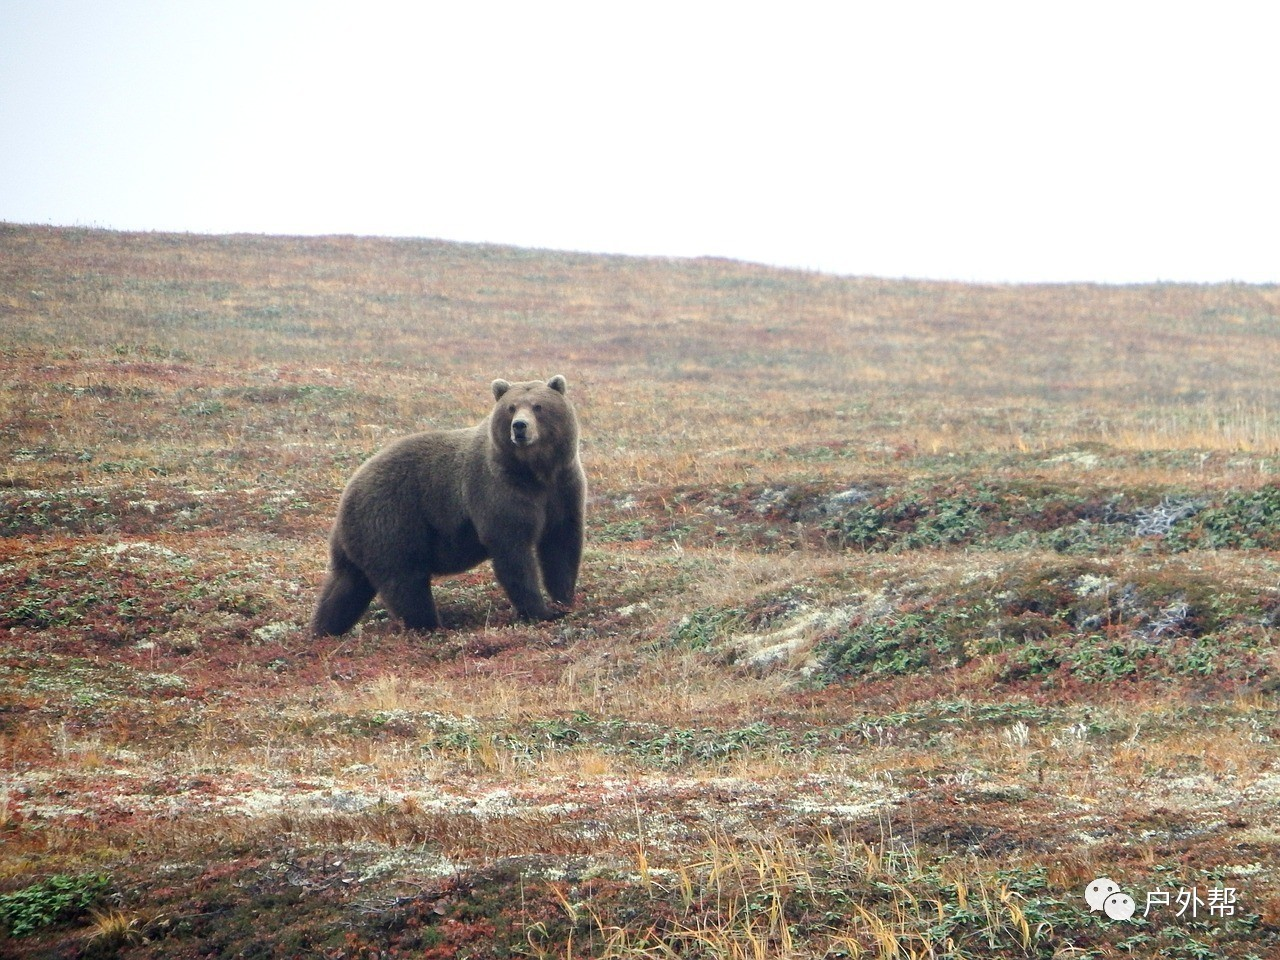 假如在野外碰到熊怎么办 怎么办?